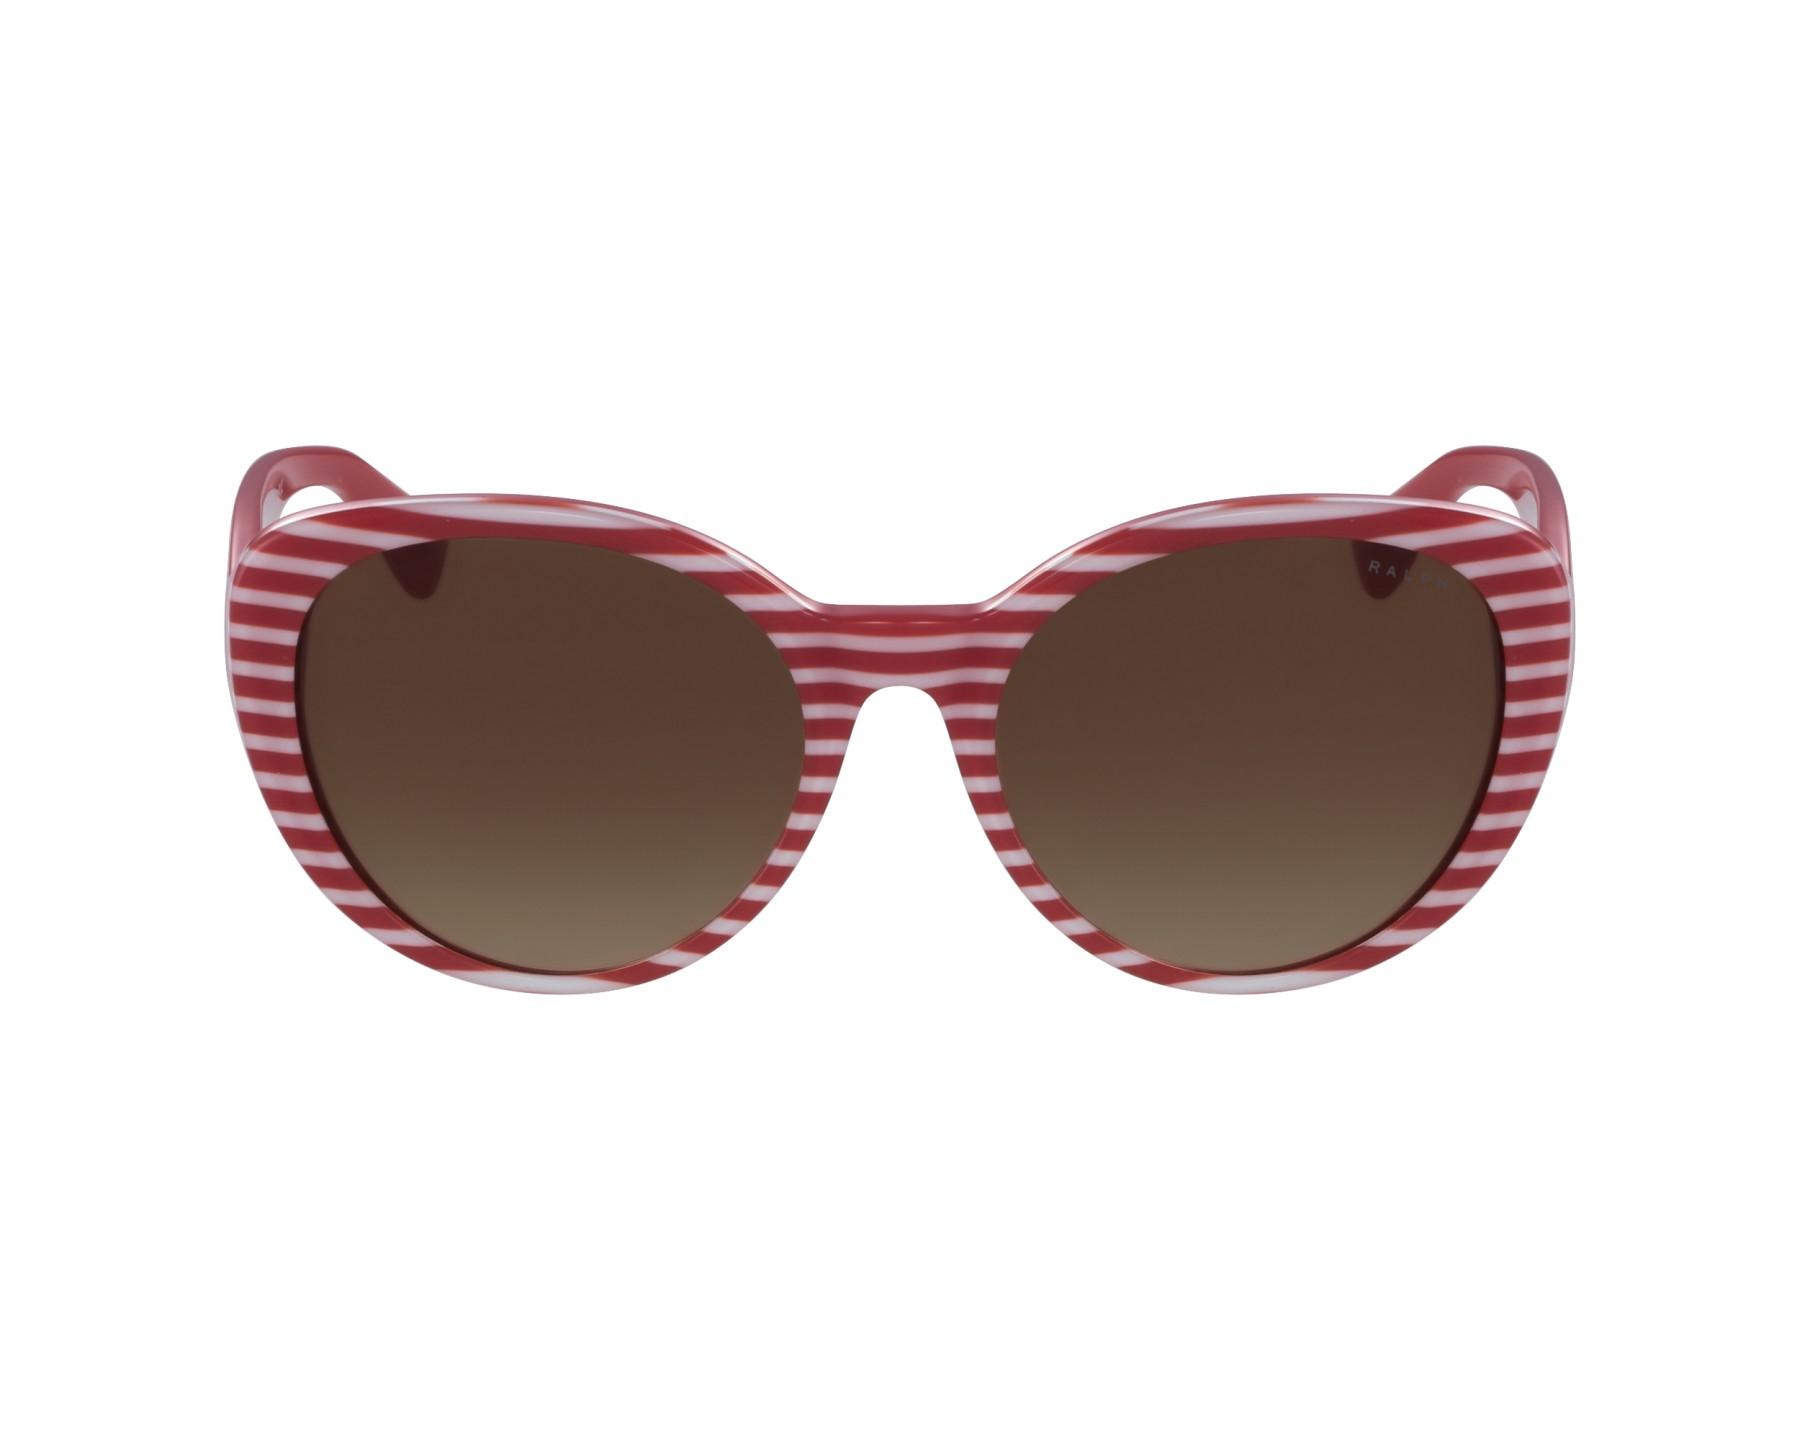 Lunettes de soleil ralph lauren ra 5212 315913 rouge avec des verres marron - Verre lunette raye assurance ...